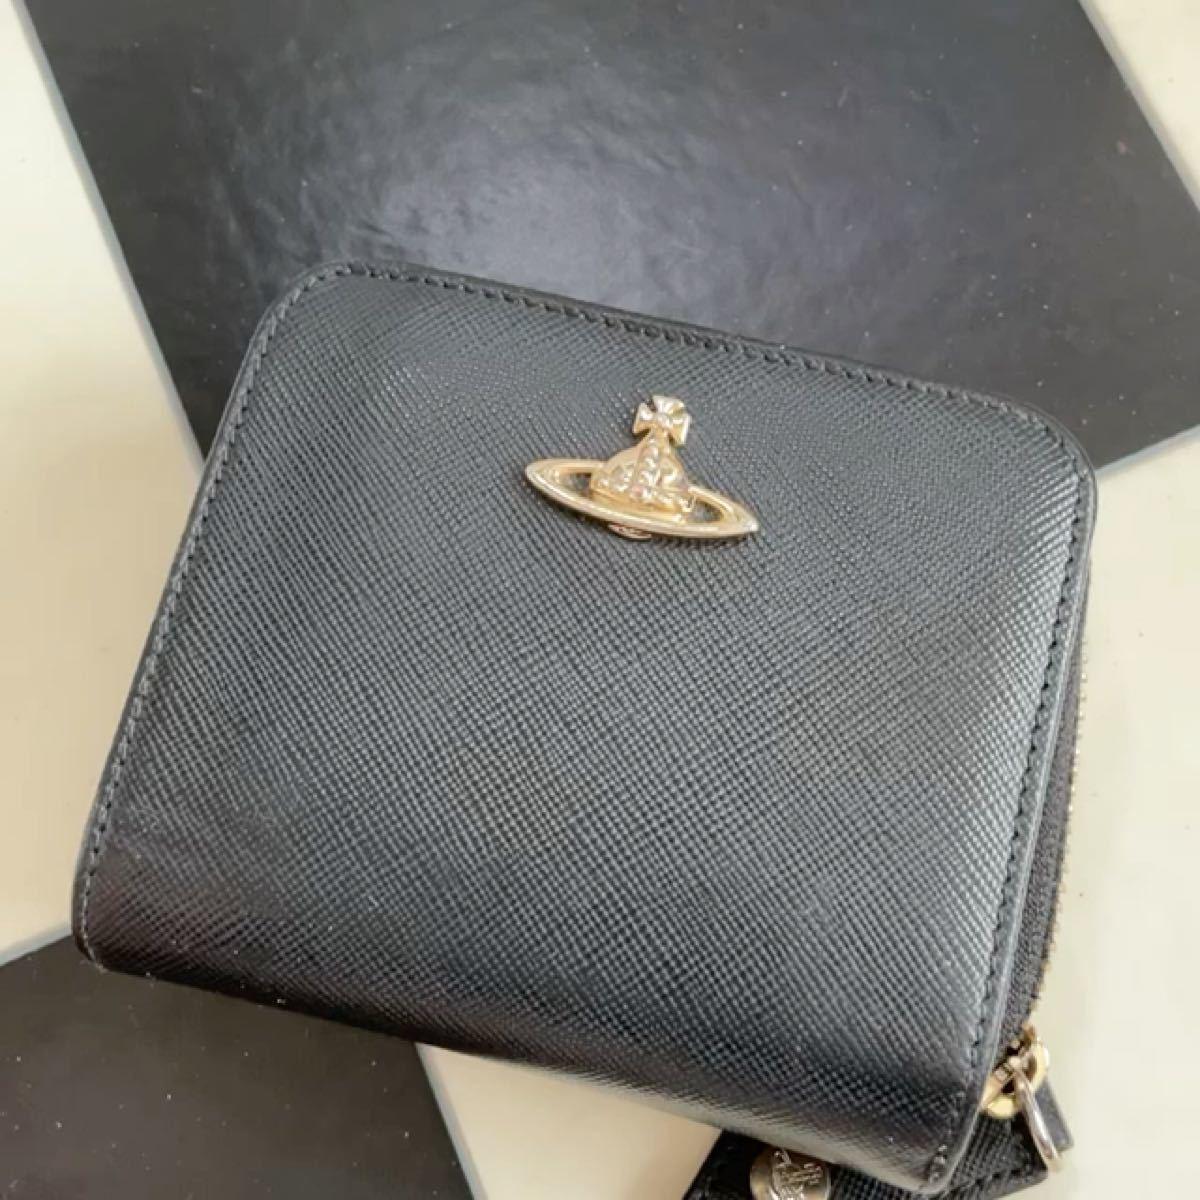 ヴィヴィアンウエストウッド 折り財布 レディース 黒色